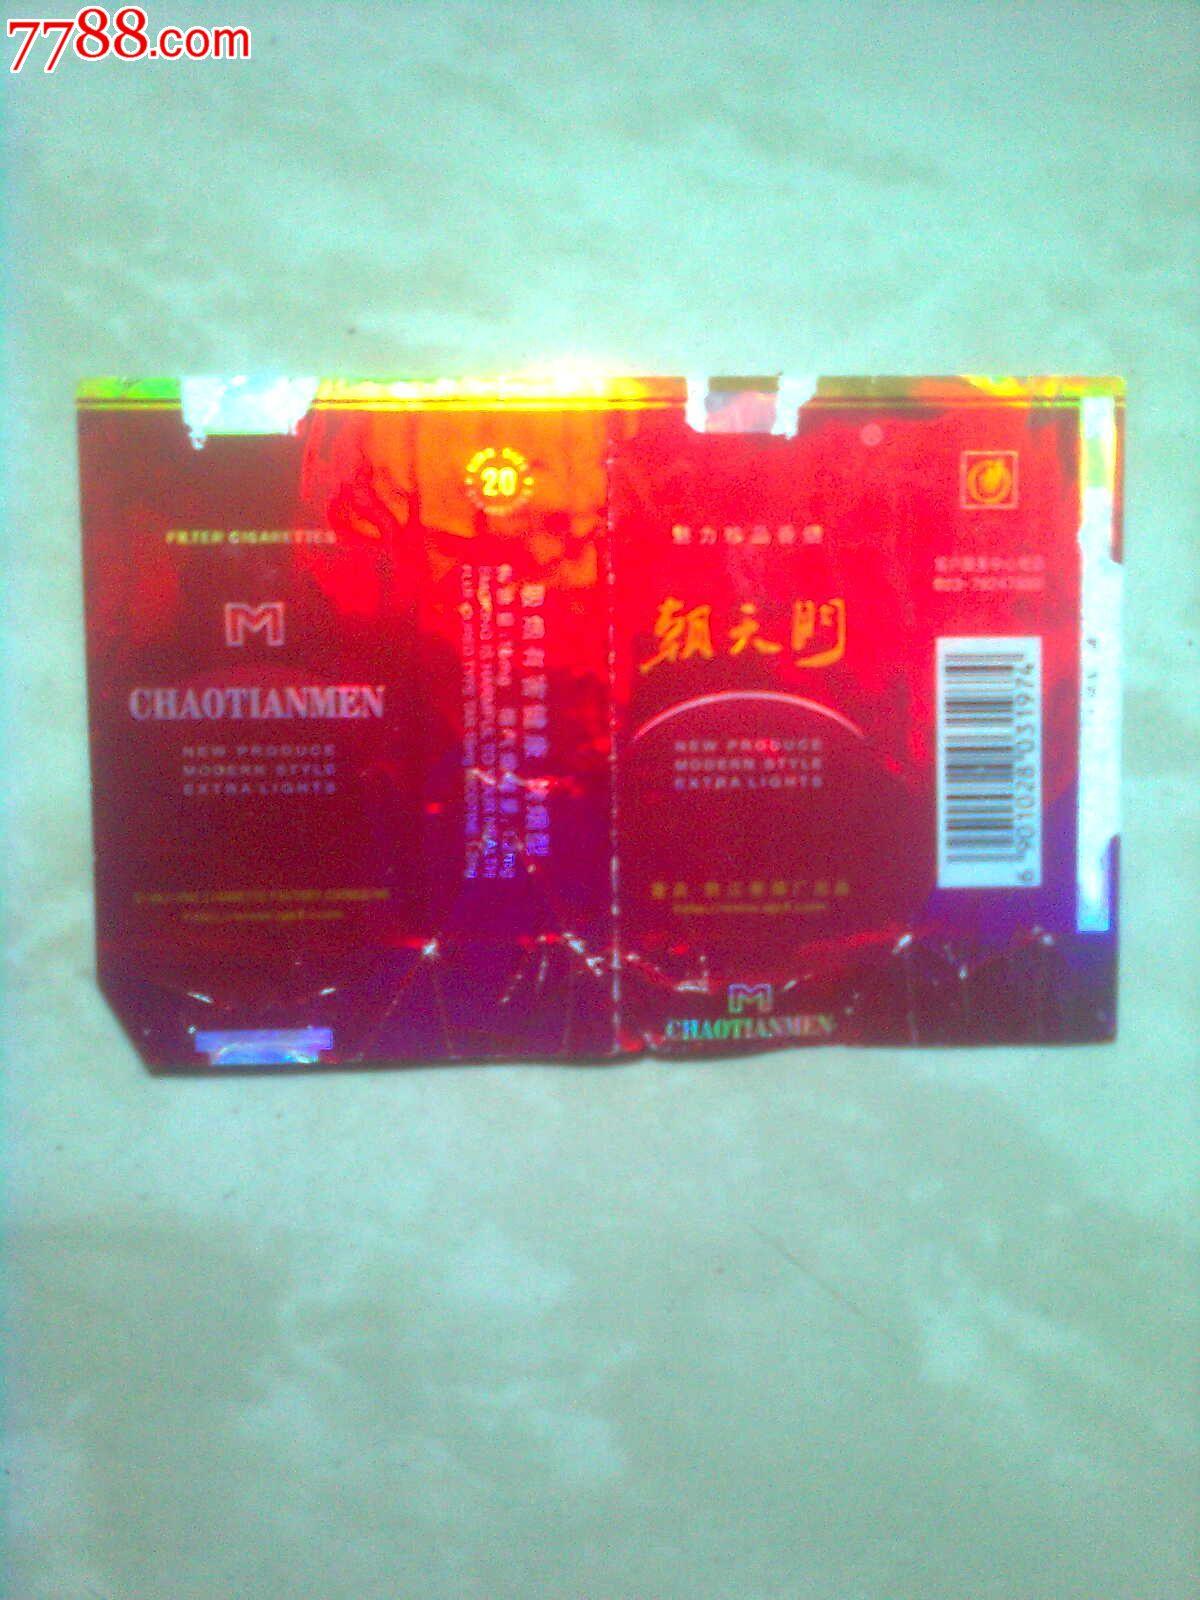 重庆朝天门香烟_朝天门-se24297343-烟标/烟盒-零售-7788收藏__中国